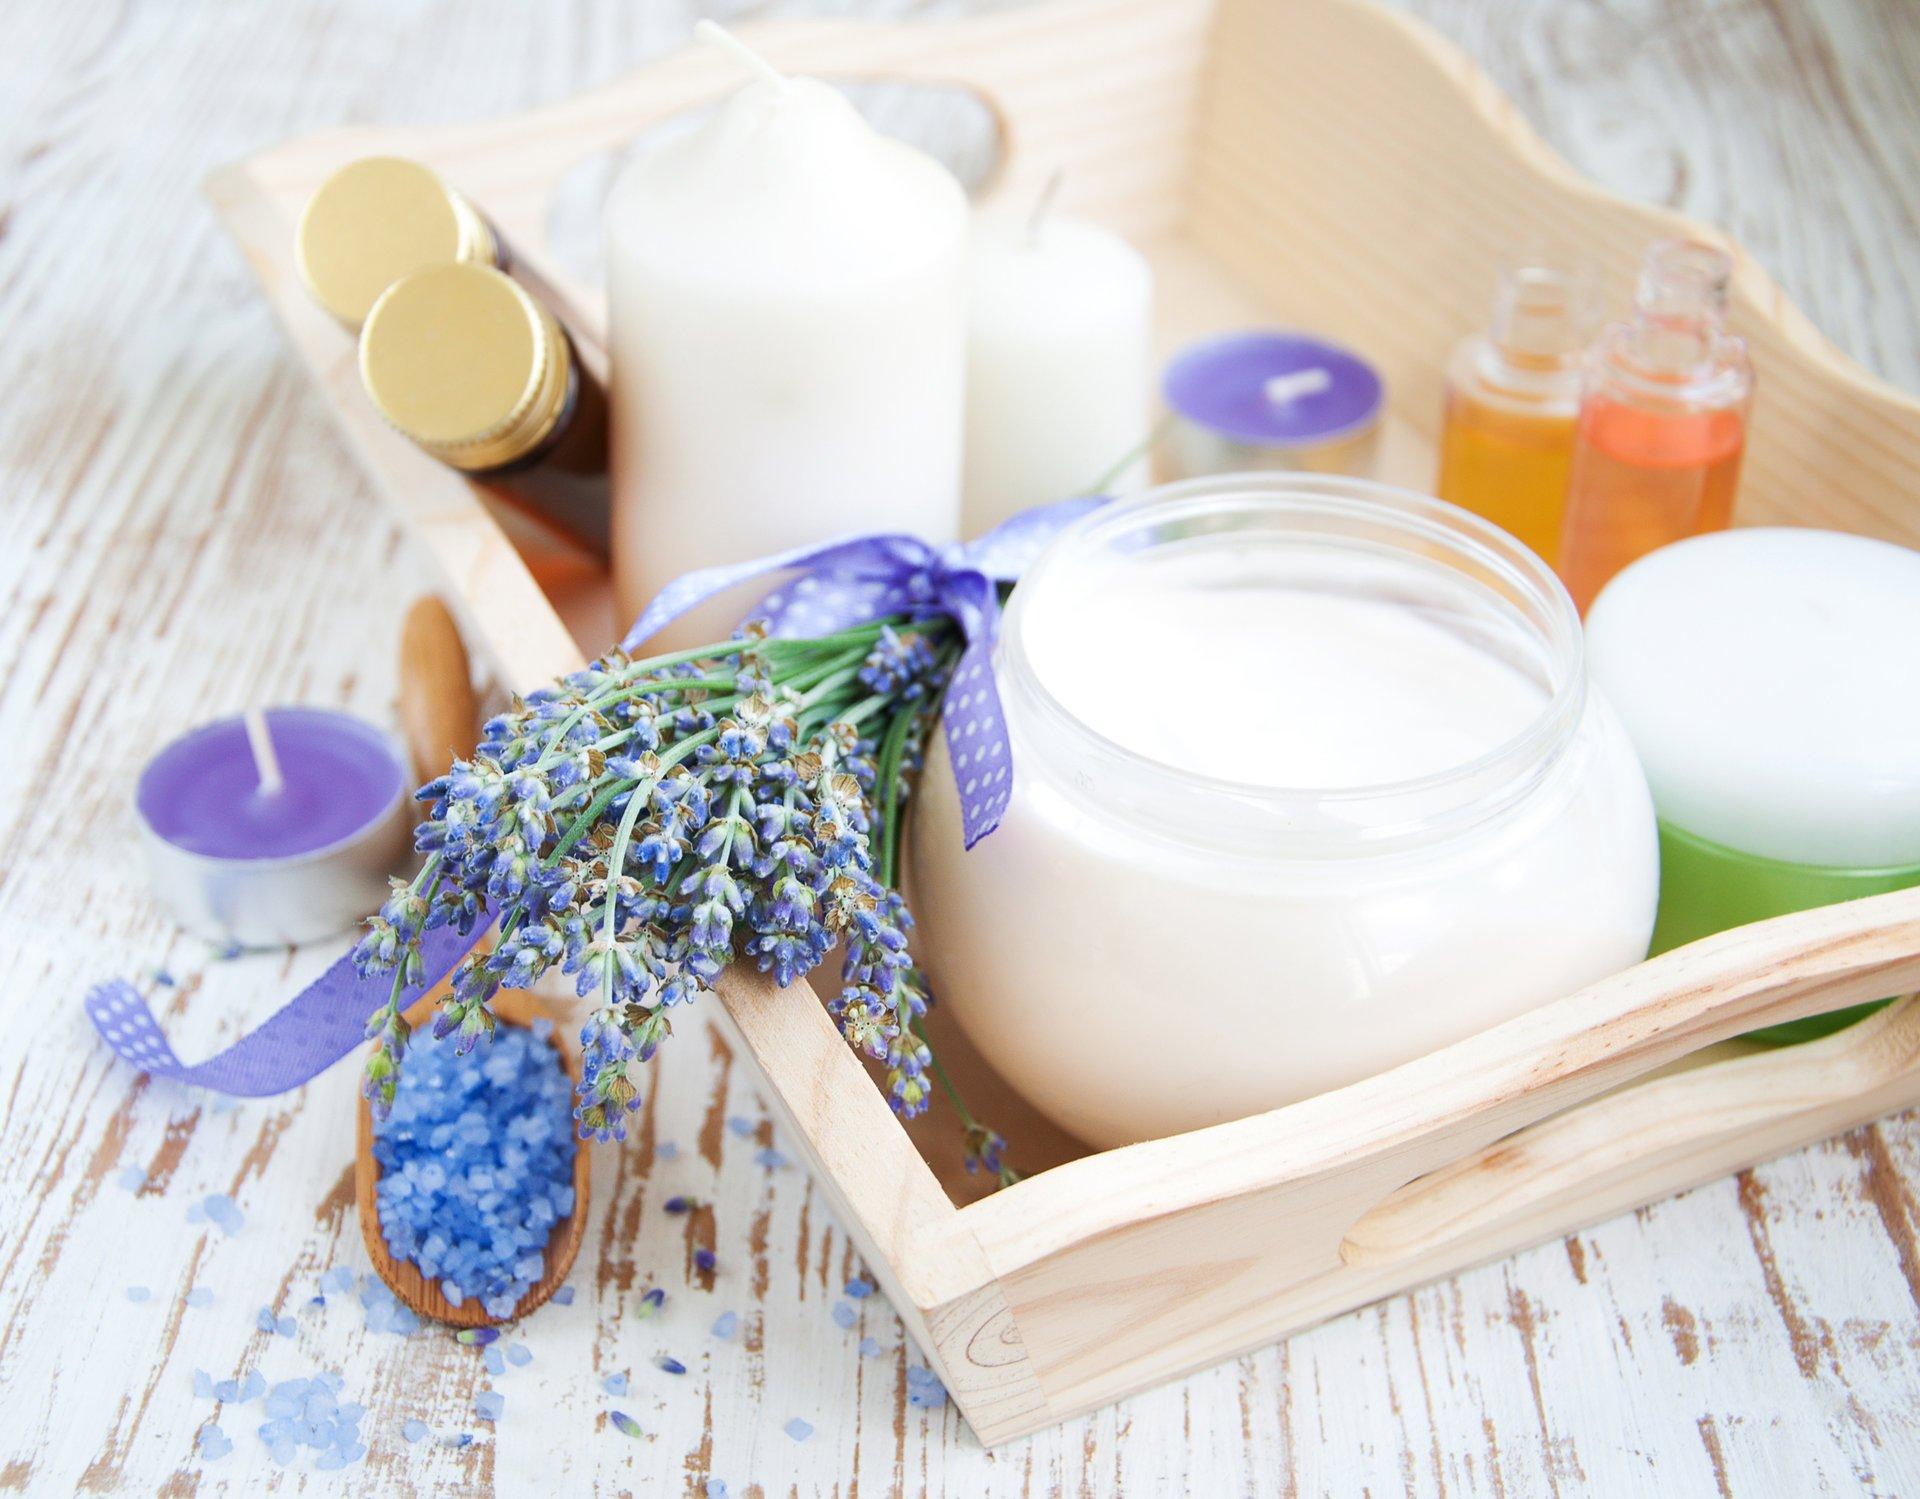 ароматический шампунь морская соль флаконы  № 1495263 бесплатно